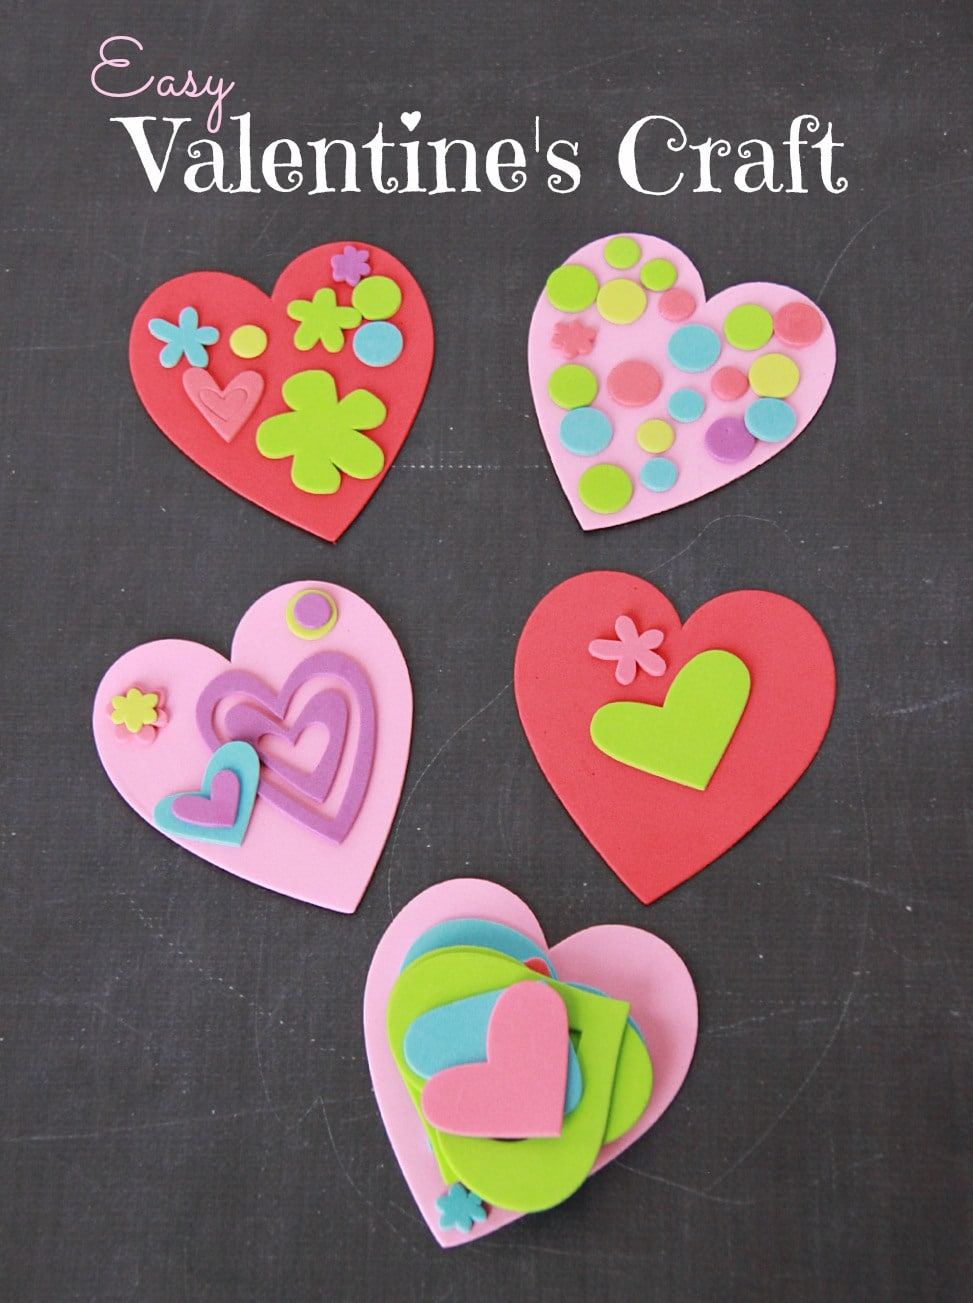 Kid's valentine's crafts